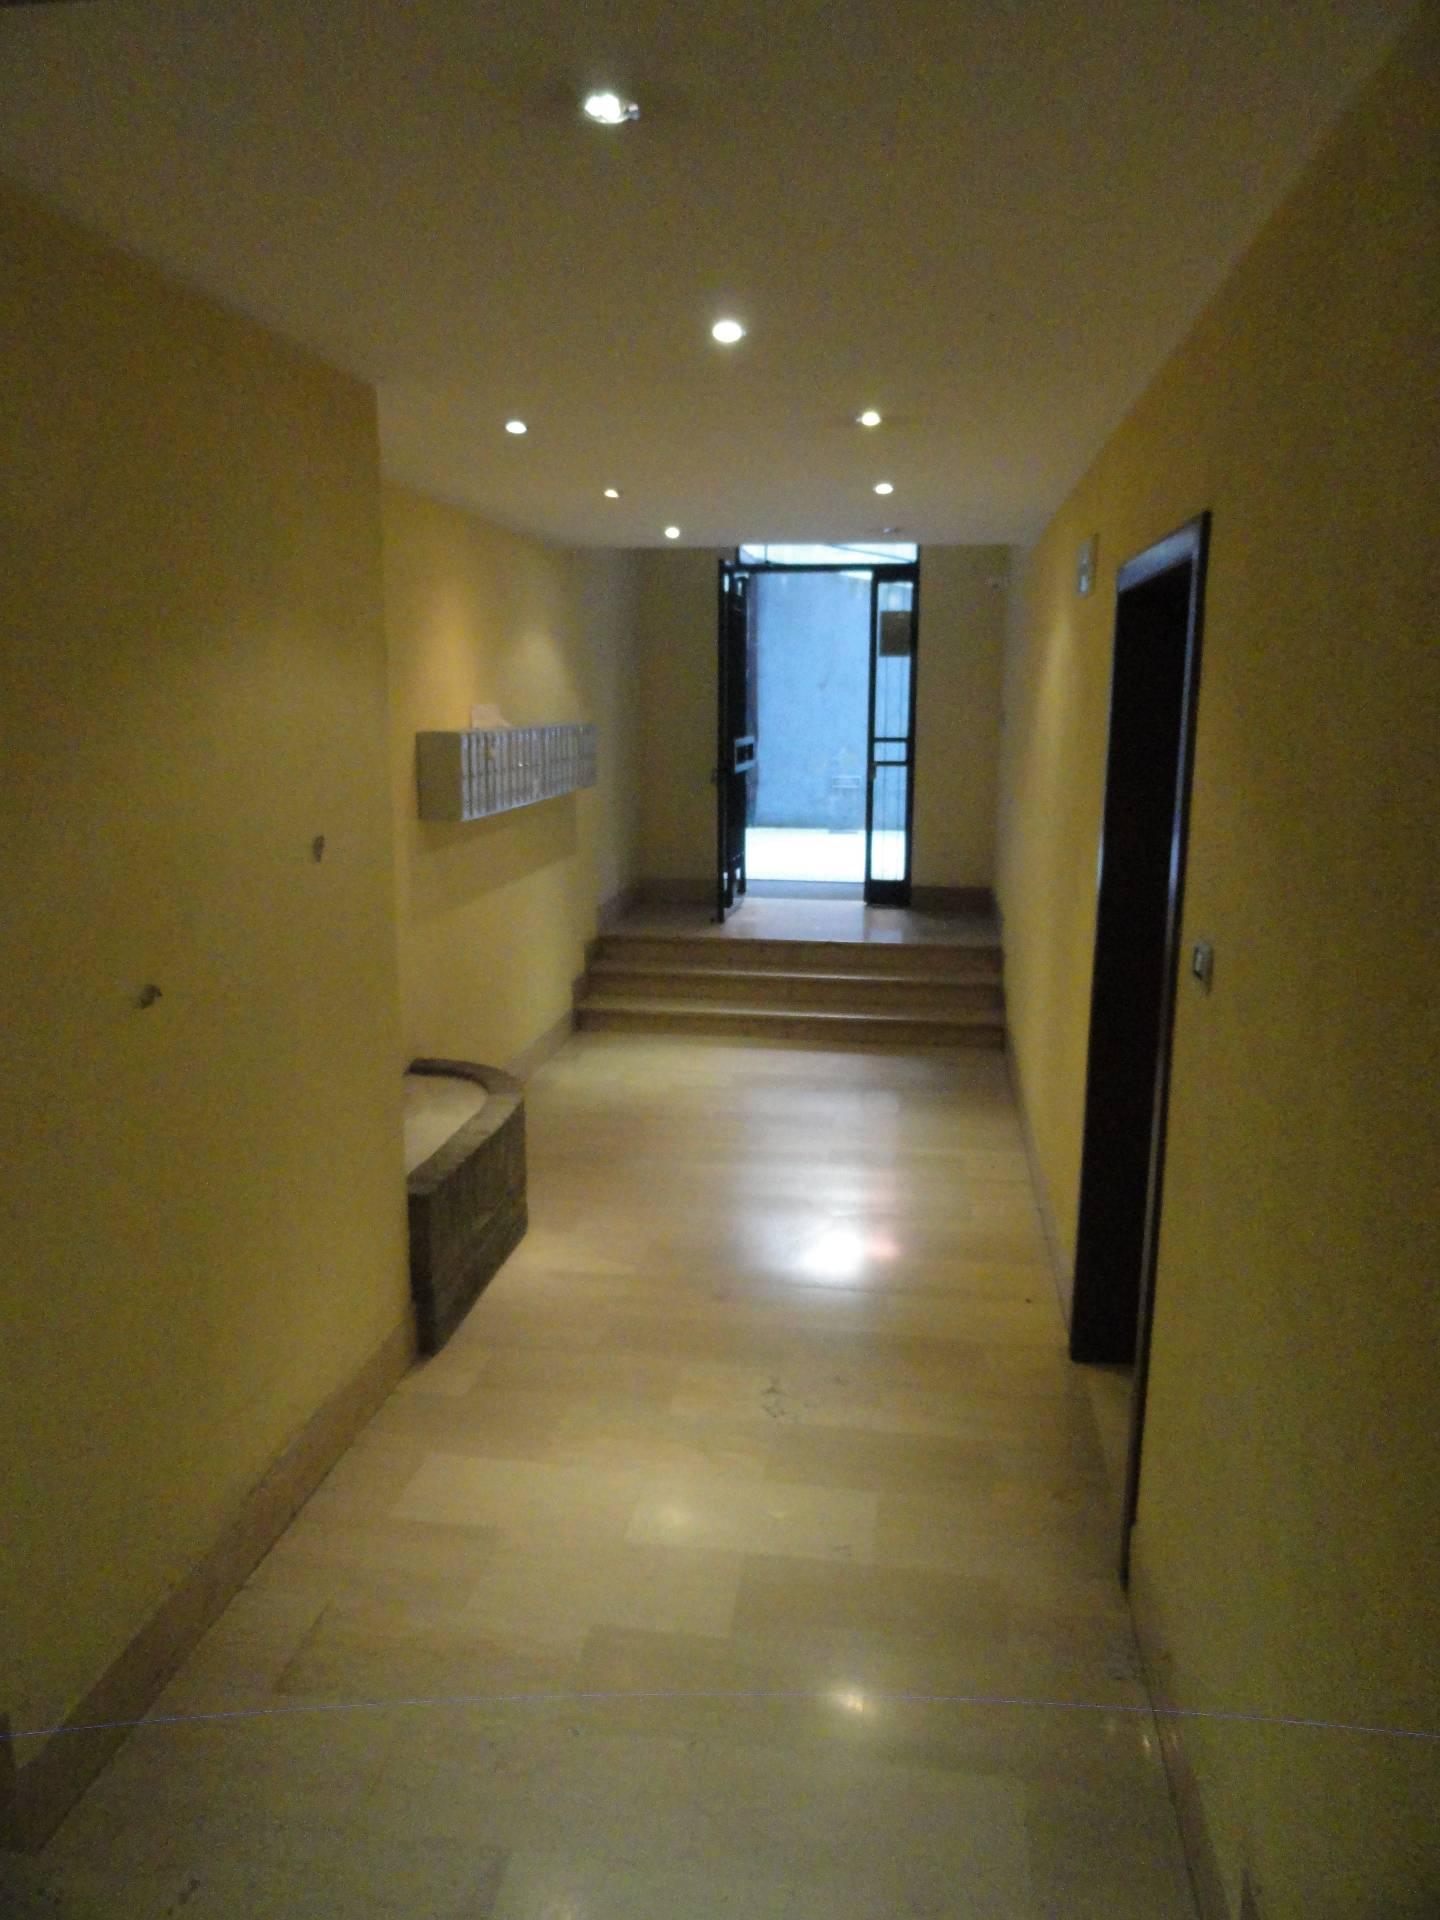 Attico / Mansarda in vendita a Teramo, 5 locali, zona Località: Pianosolare, prezzo € 160.000 | Cambio Casa.it